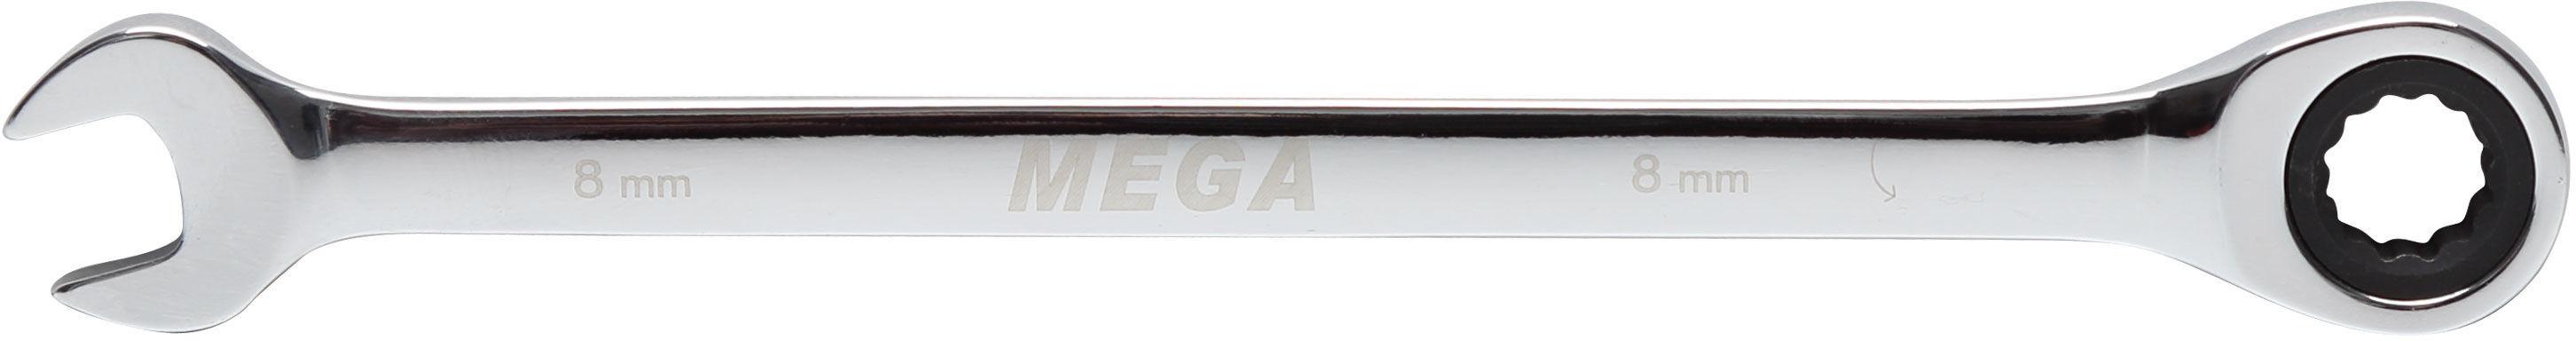 Klucz oczkowo-płaski z grzechotką, 16mm